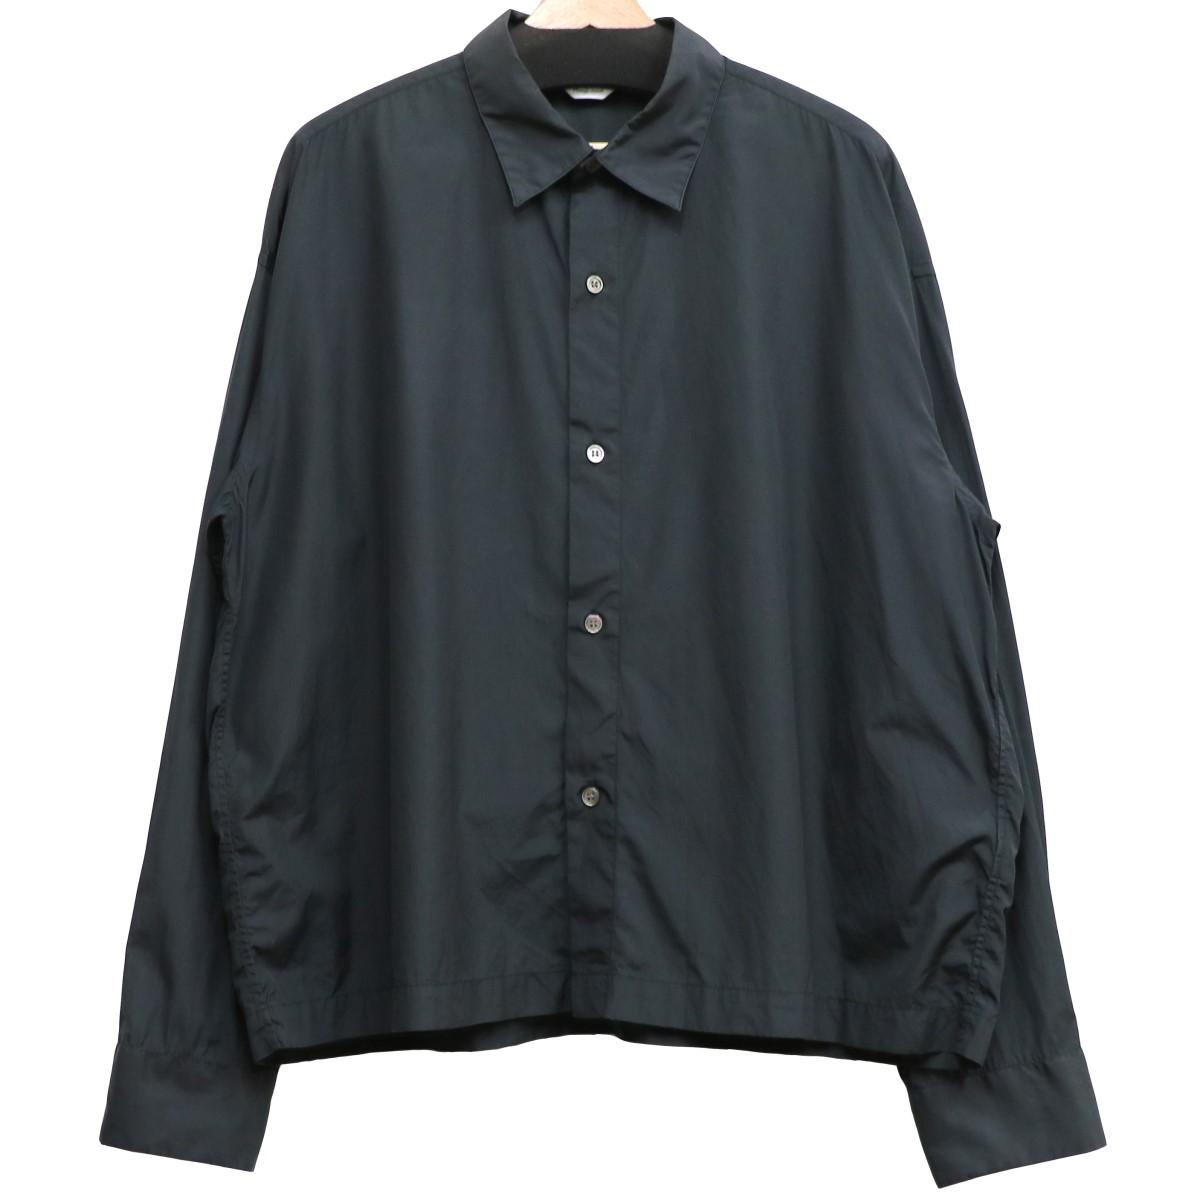 【中古】UNUSED 19SS US1538 COTTON SHバックデザインボタンシャツ ブラック サイズ:4 【060620】(アンユーズド)